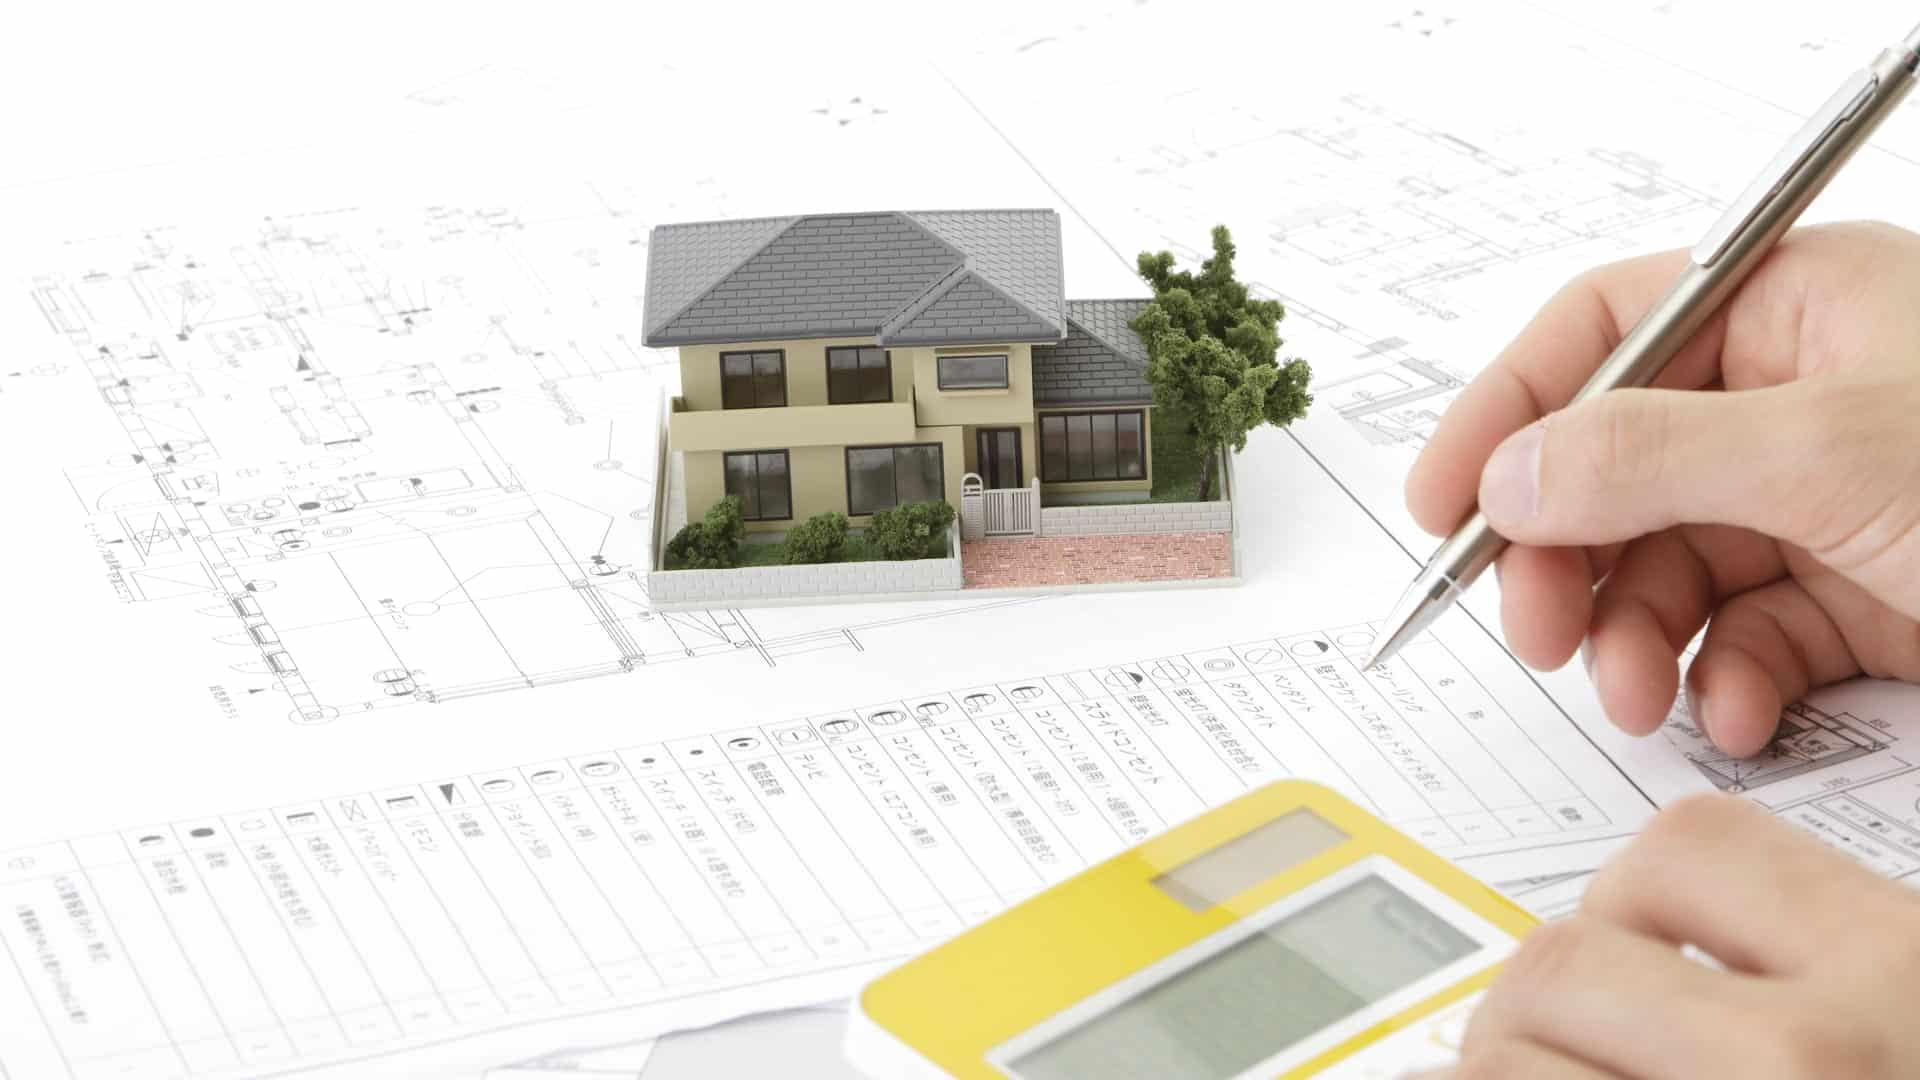 Byggtakst-Øst-takstmann-hamar-stange-elverum-taksering-hus-skadetakst-verdivurdering-nito-takst